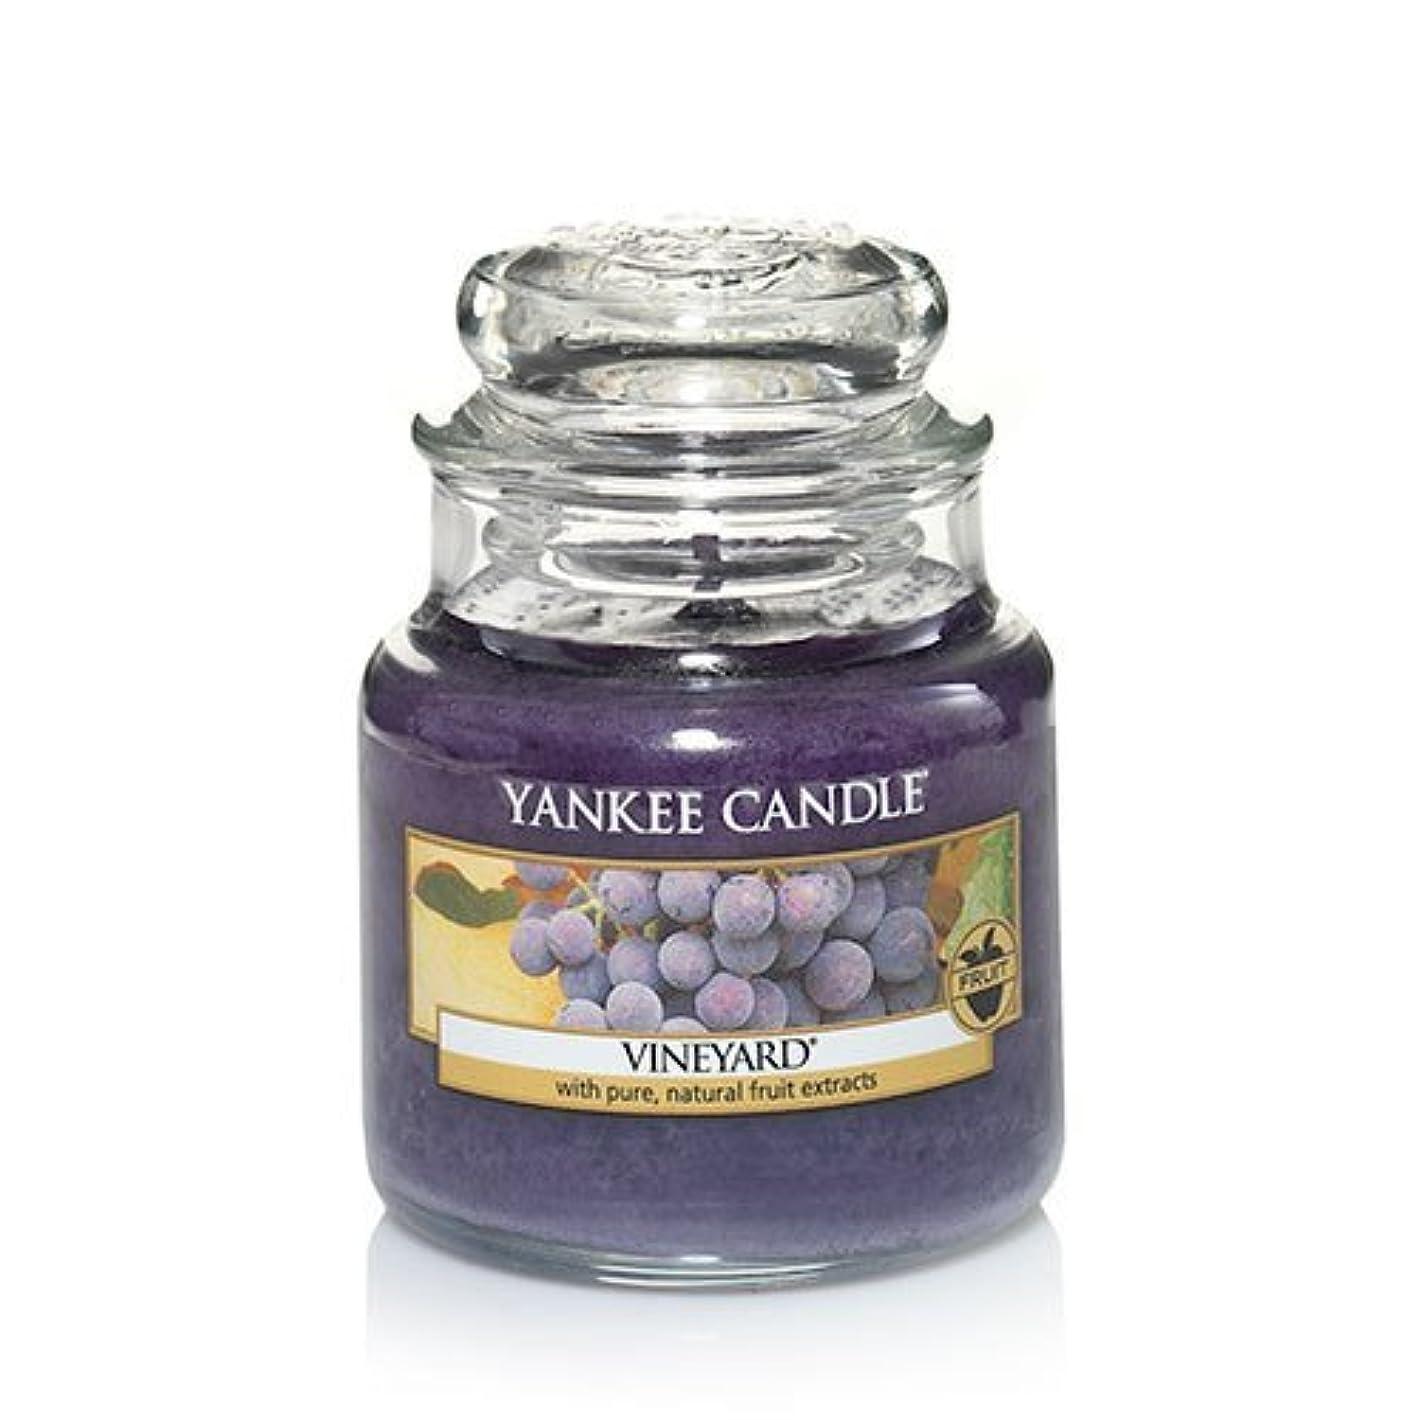 疼痛侵略操作可能Yankee Candle Vineyard Small Jar Candle、フルーツ香り